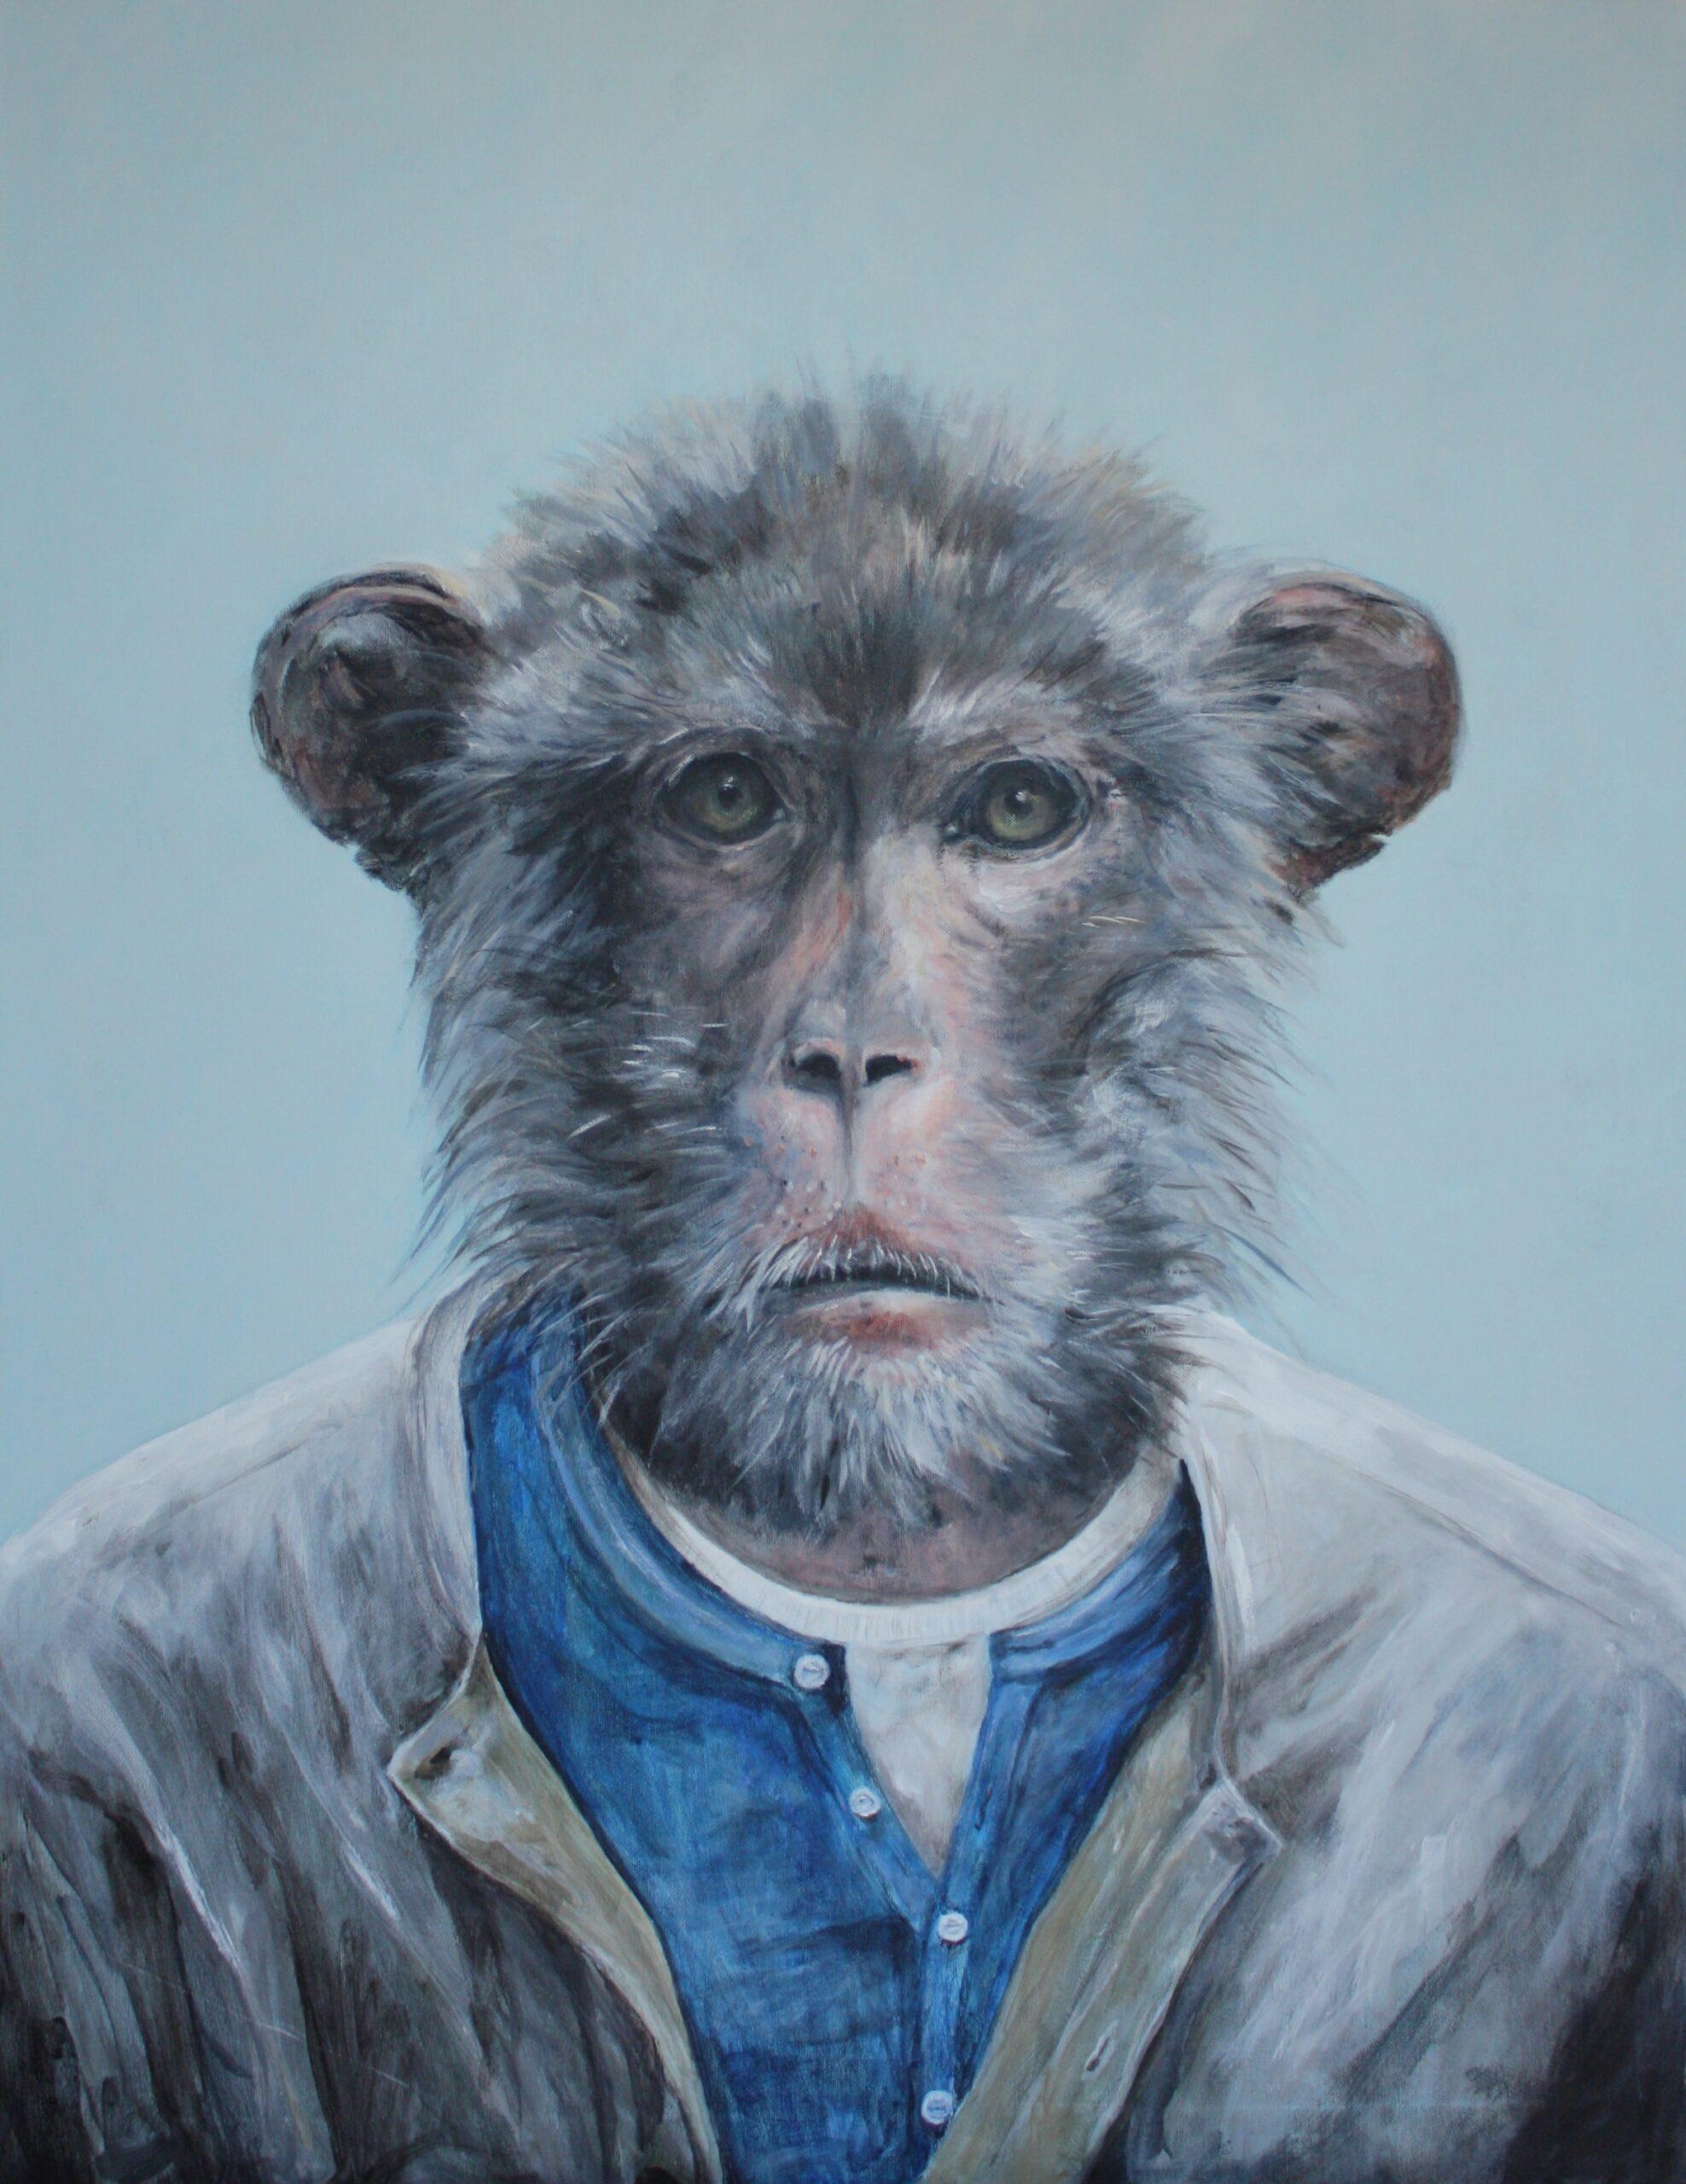 Integritet 90x70 cm akryl på lerret © EmmyHarnes Emmy Harnes billedkunstner billedkunst Haslum Bærum kunstner figurativ kunst antropomorfisk eventyrlig artist art anthropomorphicart